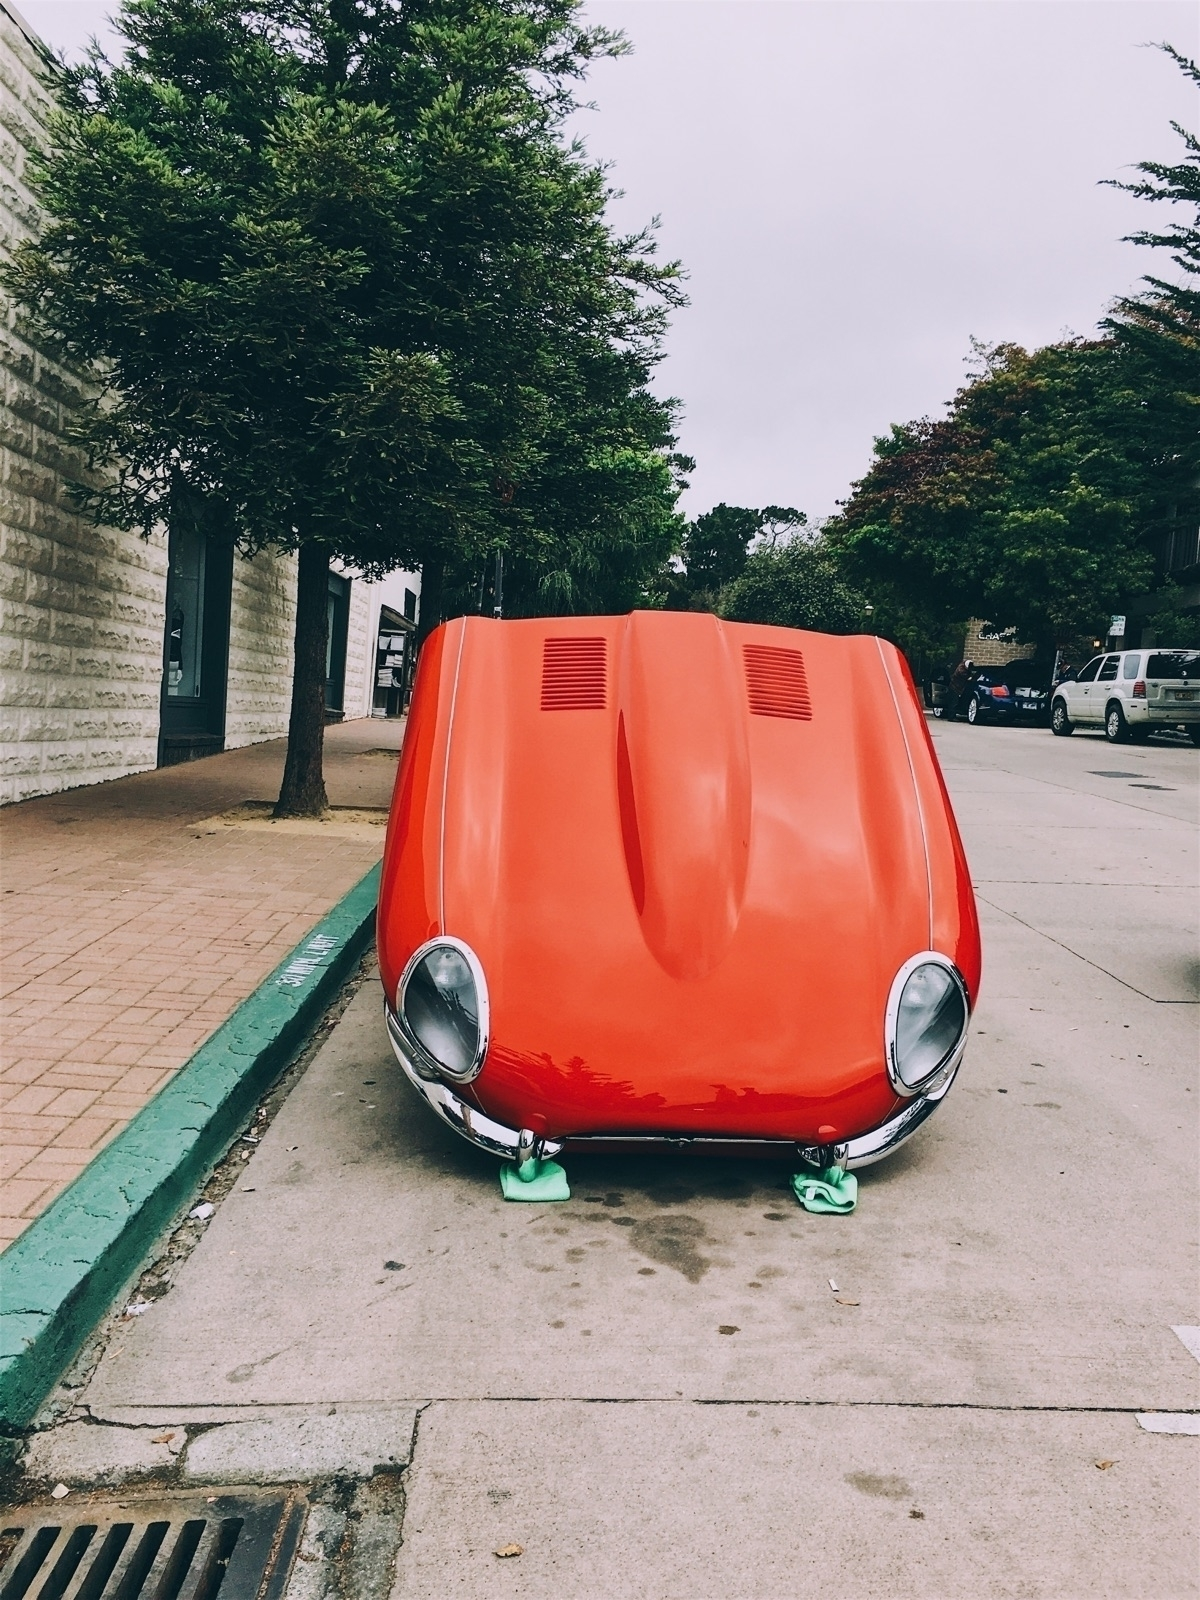 park Jaguar - jaguar, carmel, california - tramod | ello